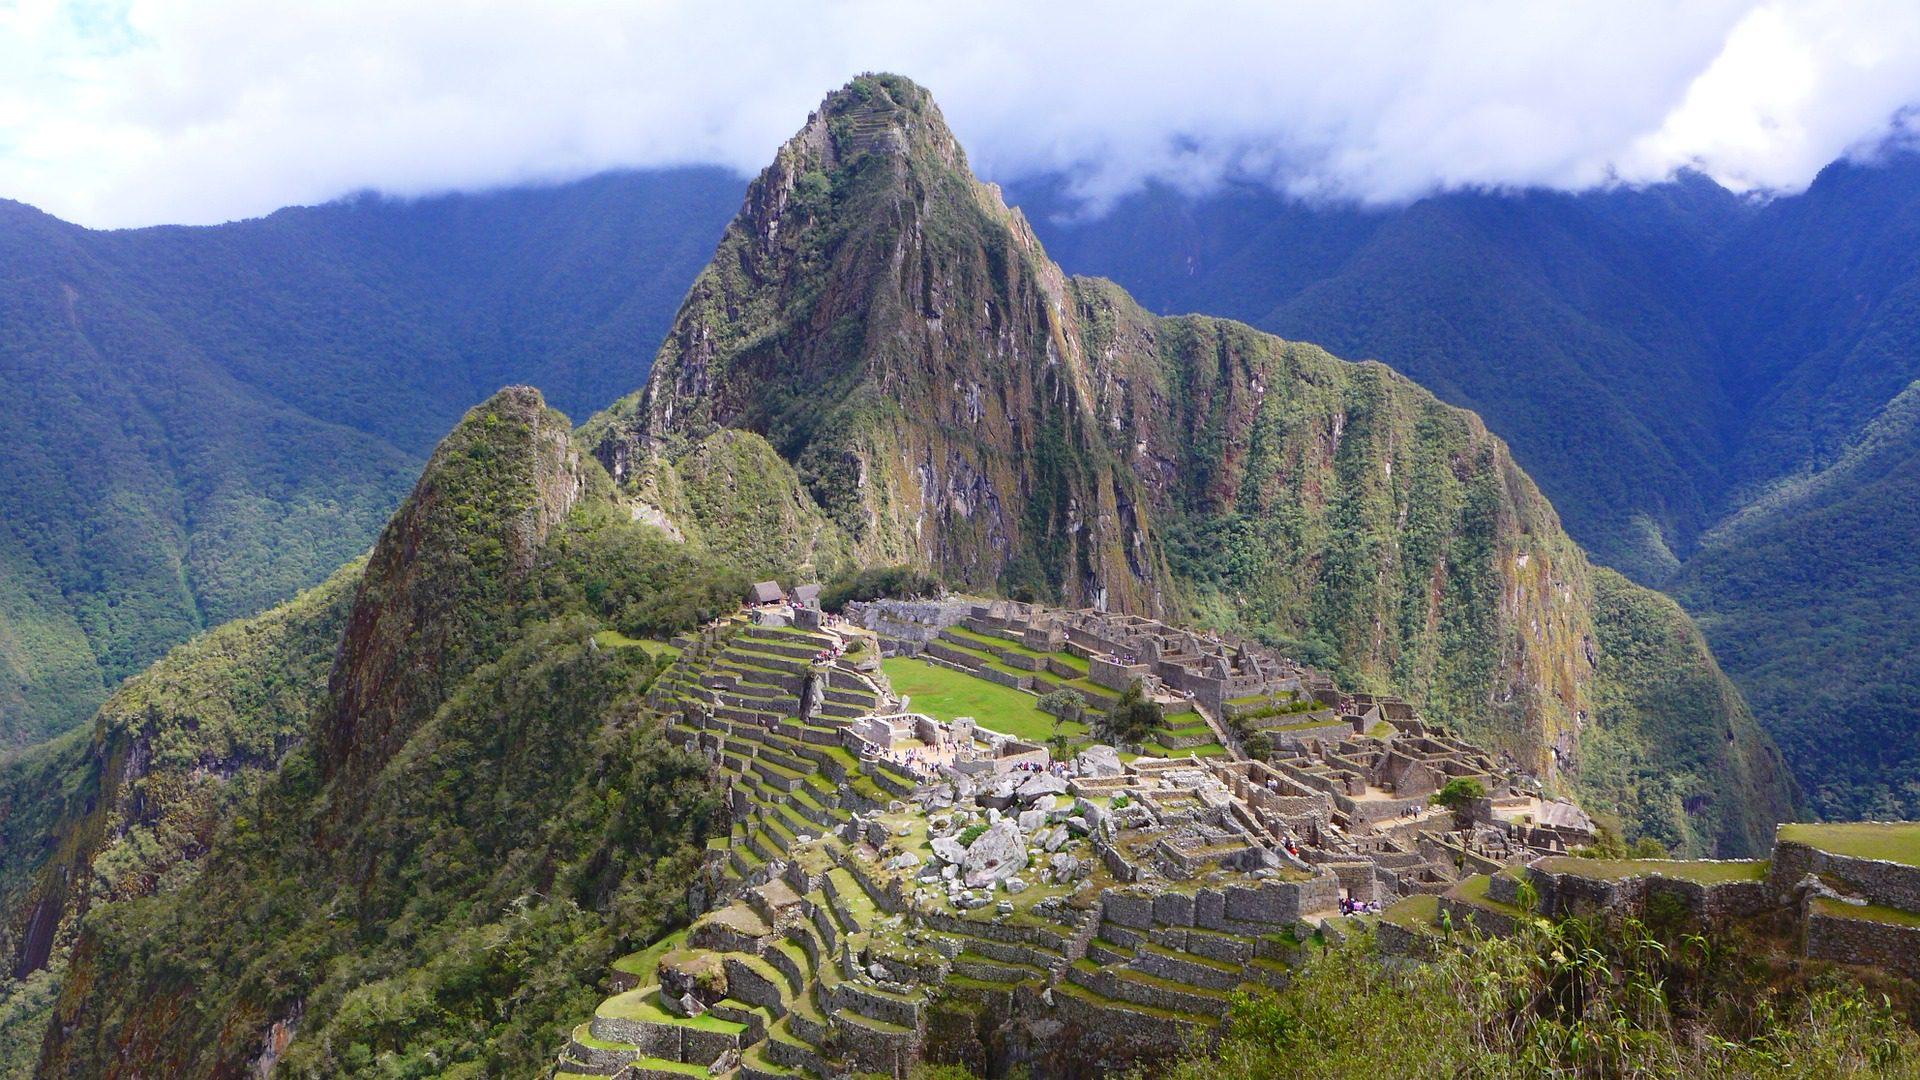 Machu Piccu in Peru, South America